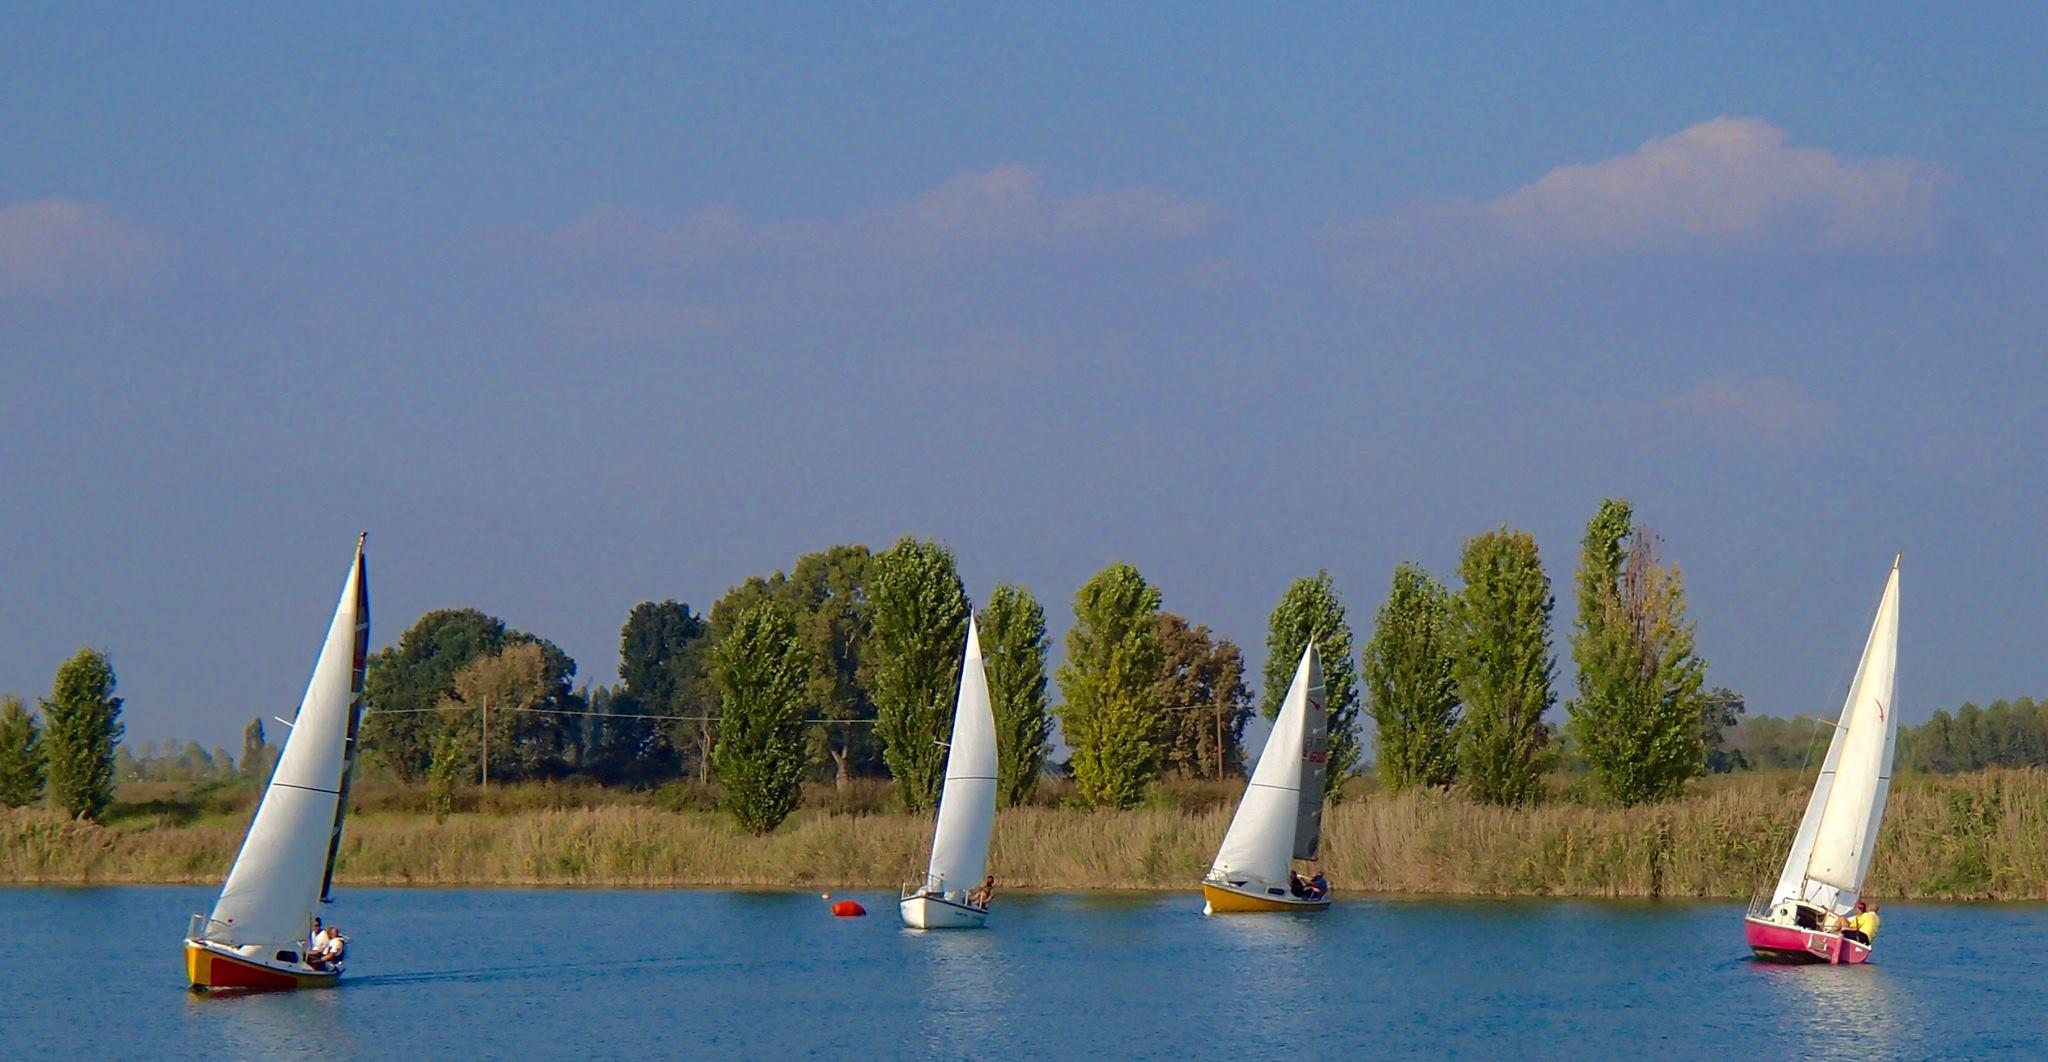 quattro barche a vela in un laghetto e dietro vista degli alberi e dell'erba alta